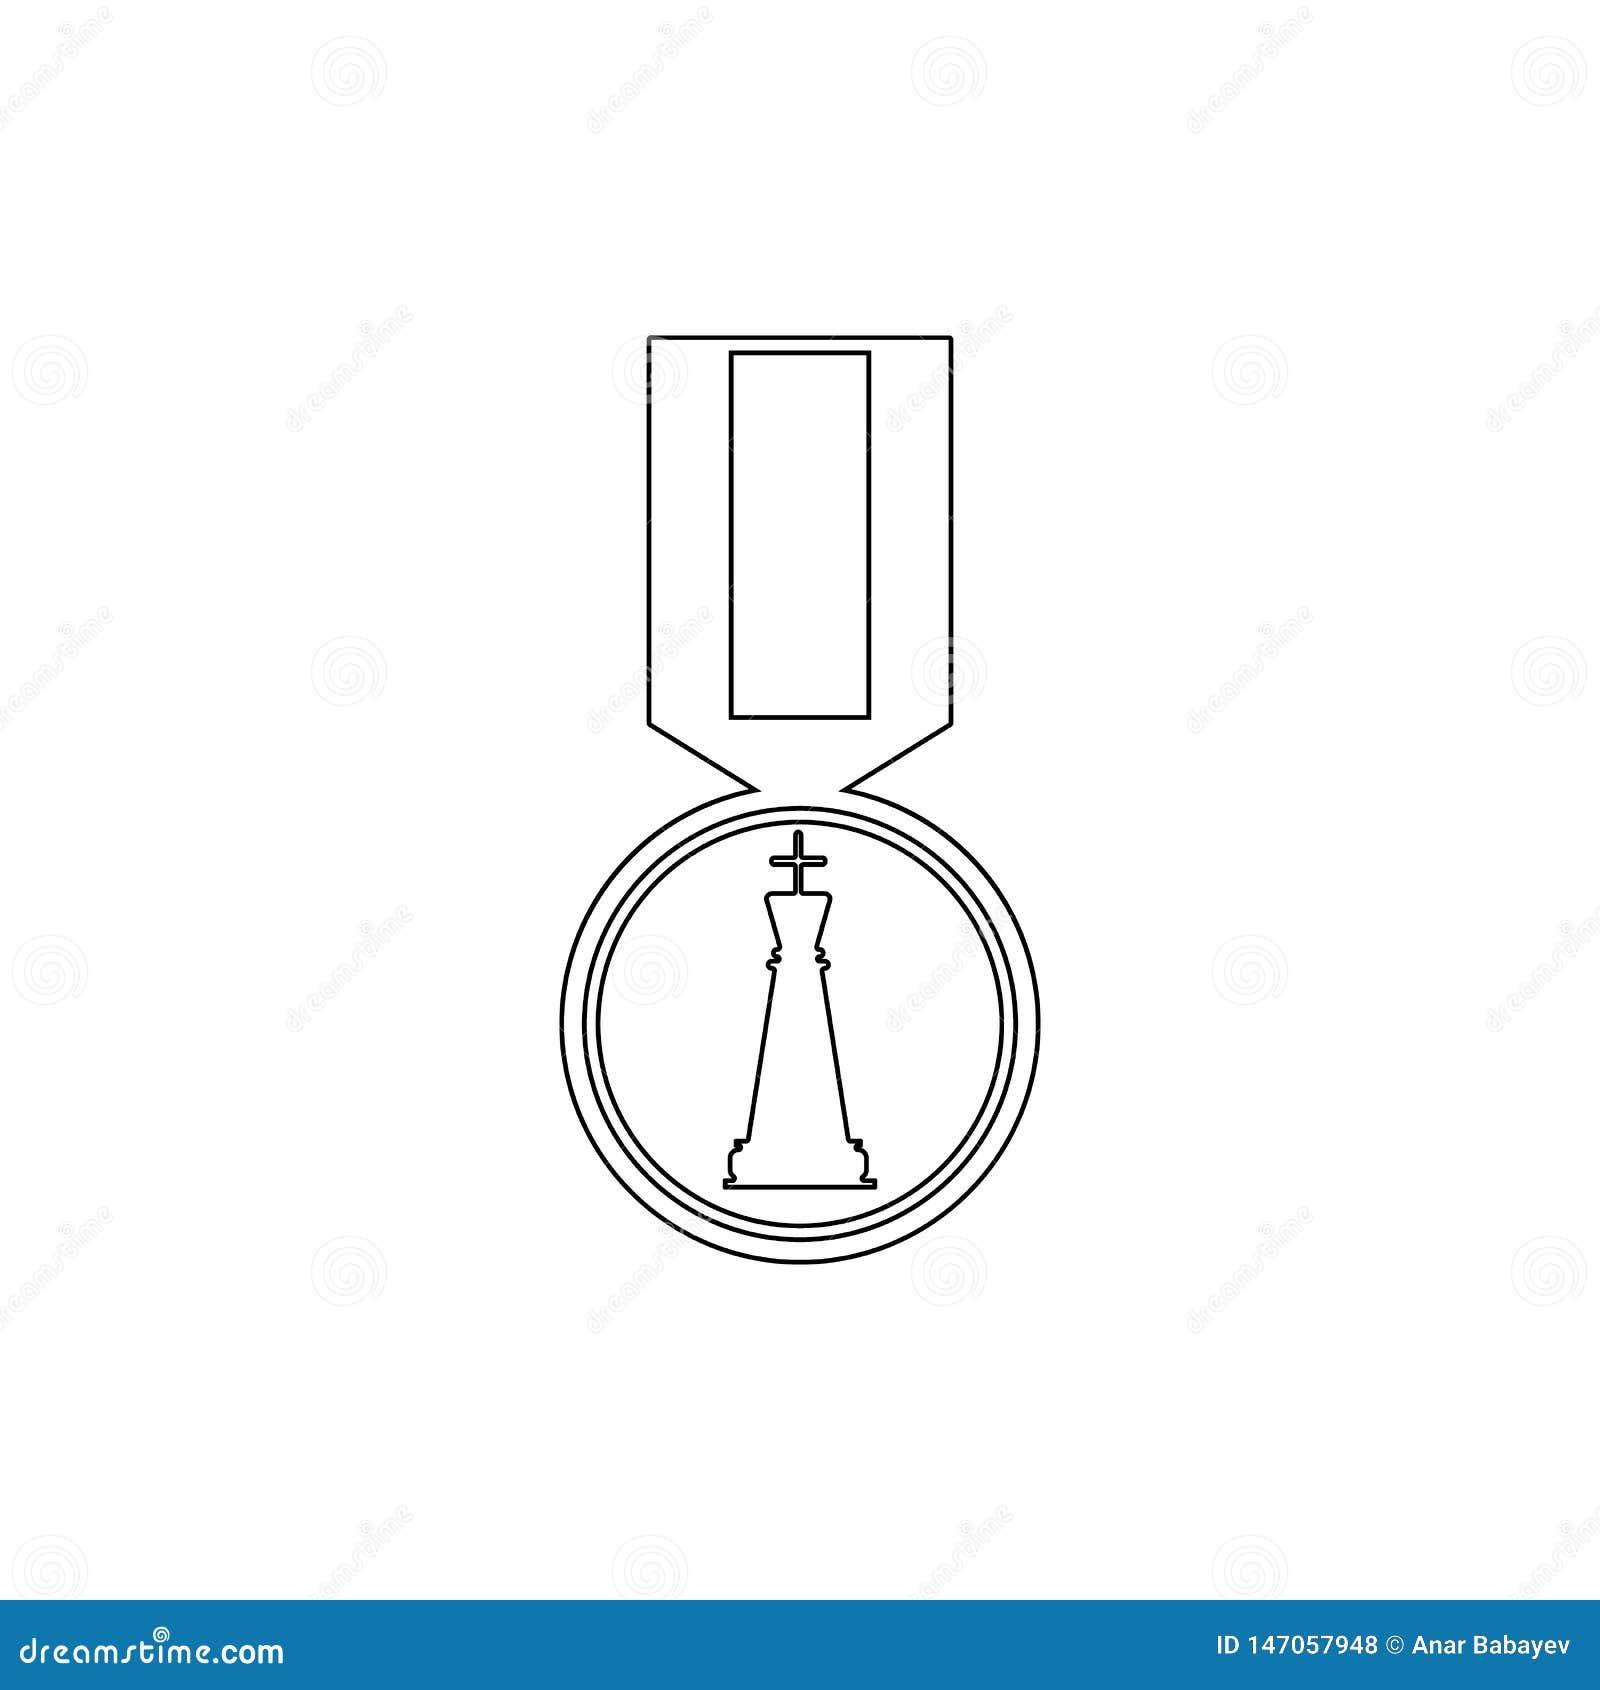 Medaille f?r Schachikone Element des Schachs f?r bewegliche Konzept und Netz apps Illustration D?nne Linie Ikone f?r Websitedesig